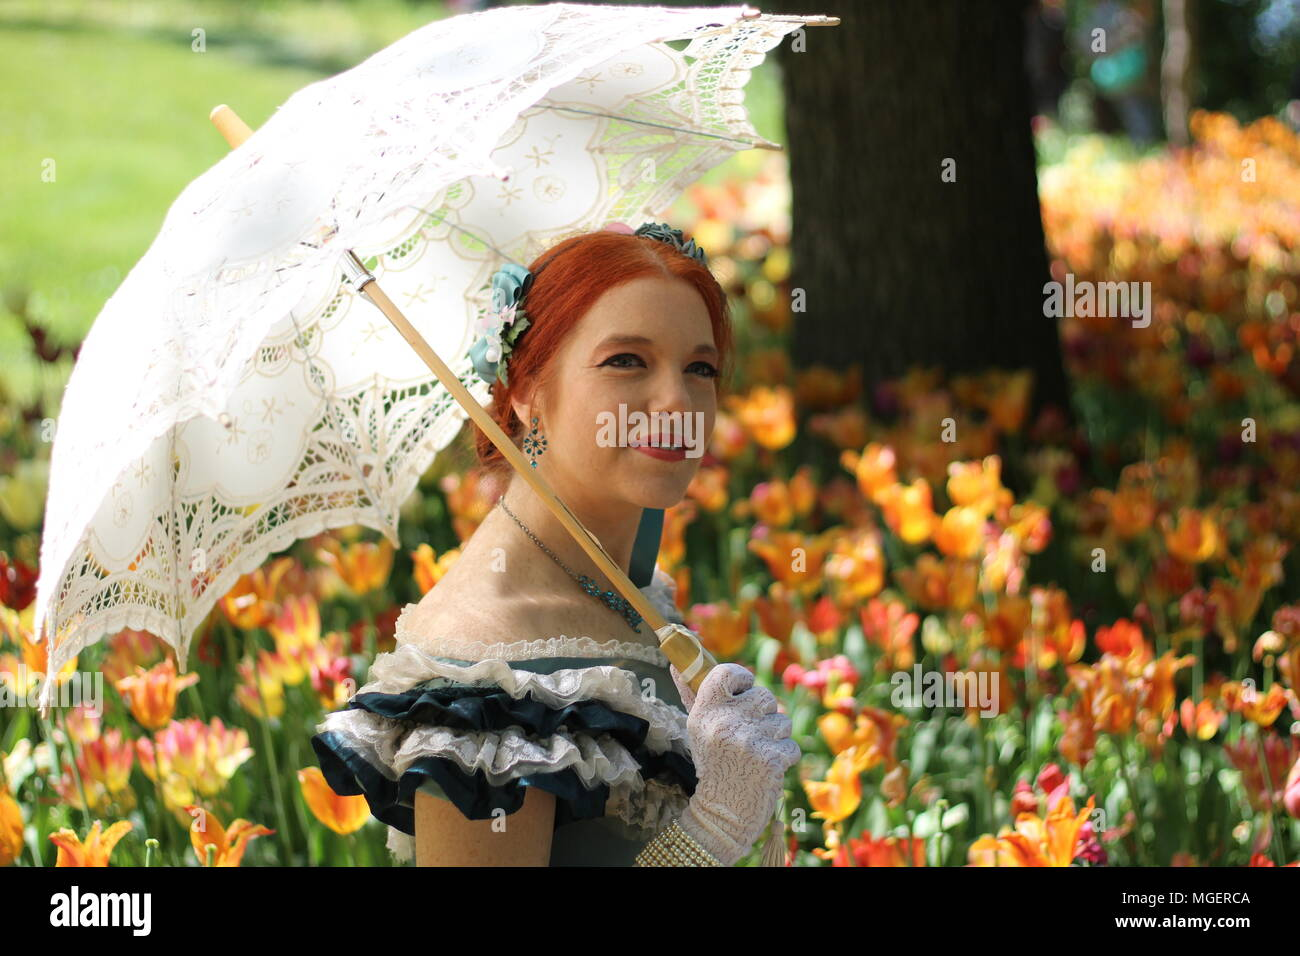 Una donna con i capelli rossi e un ombrellone bianco per proteggersi dal sole si rilassa in un campo di rosso e tulipani gialli Foto Stock